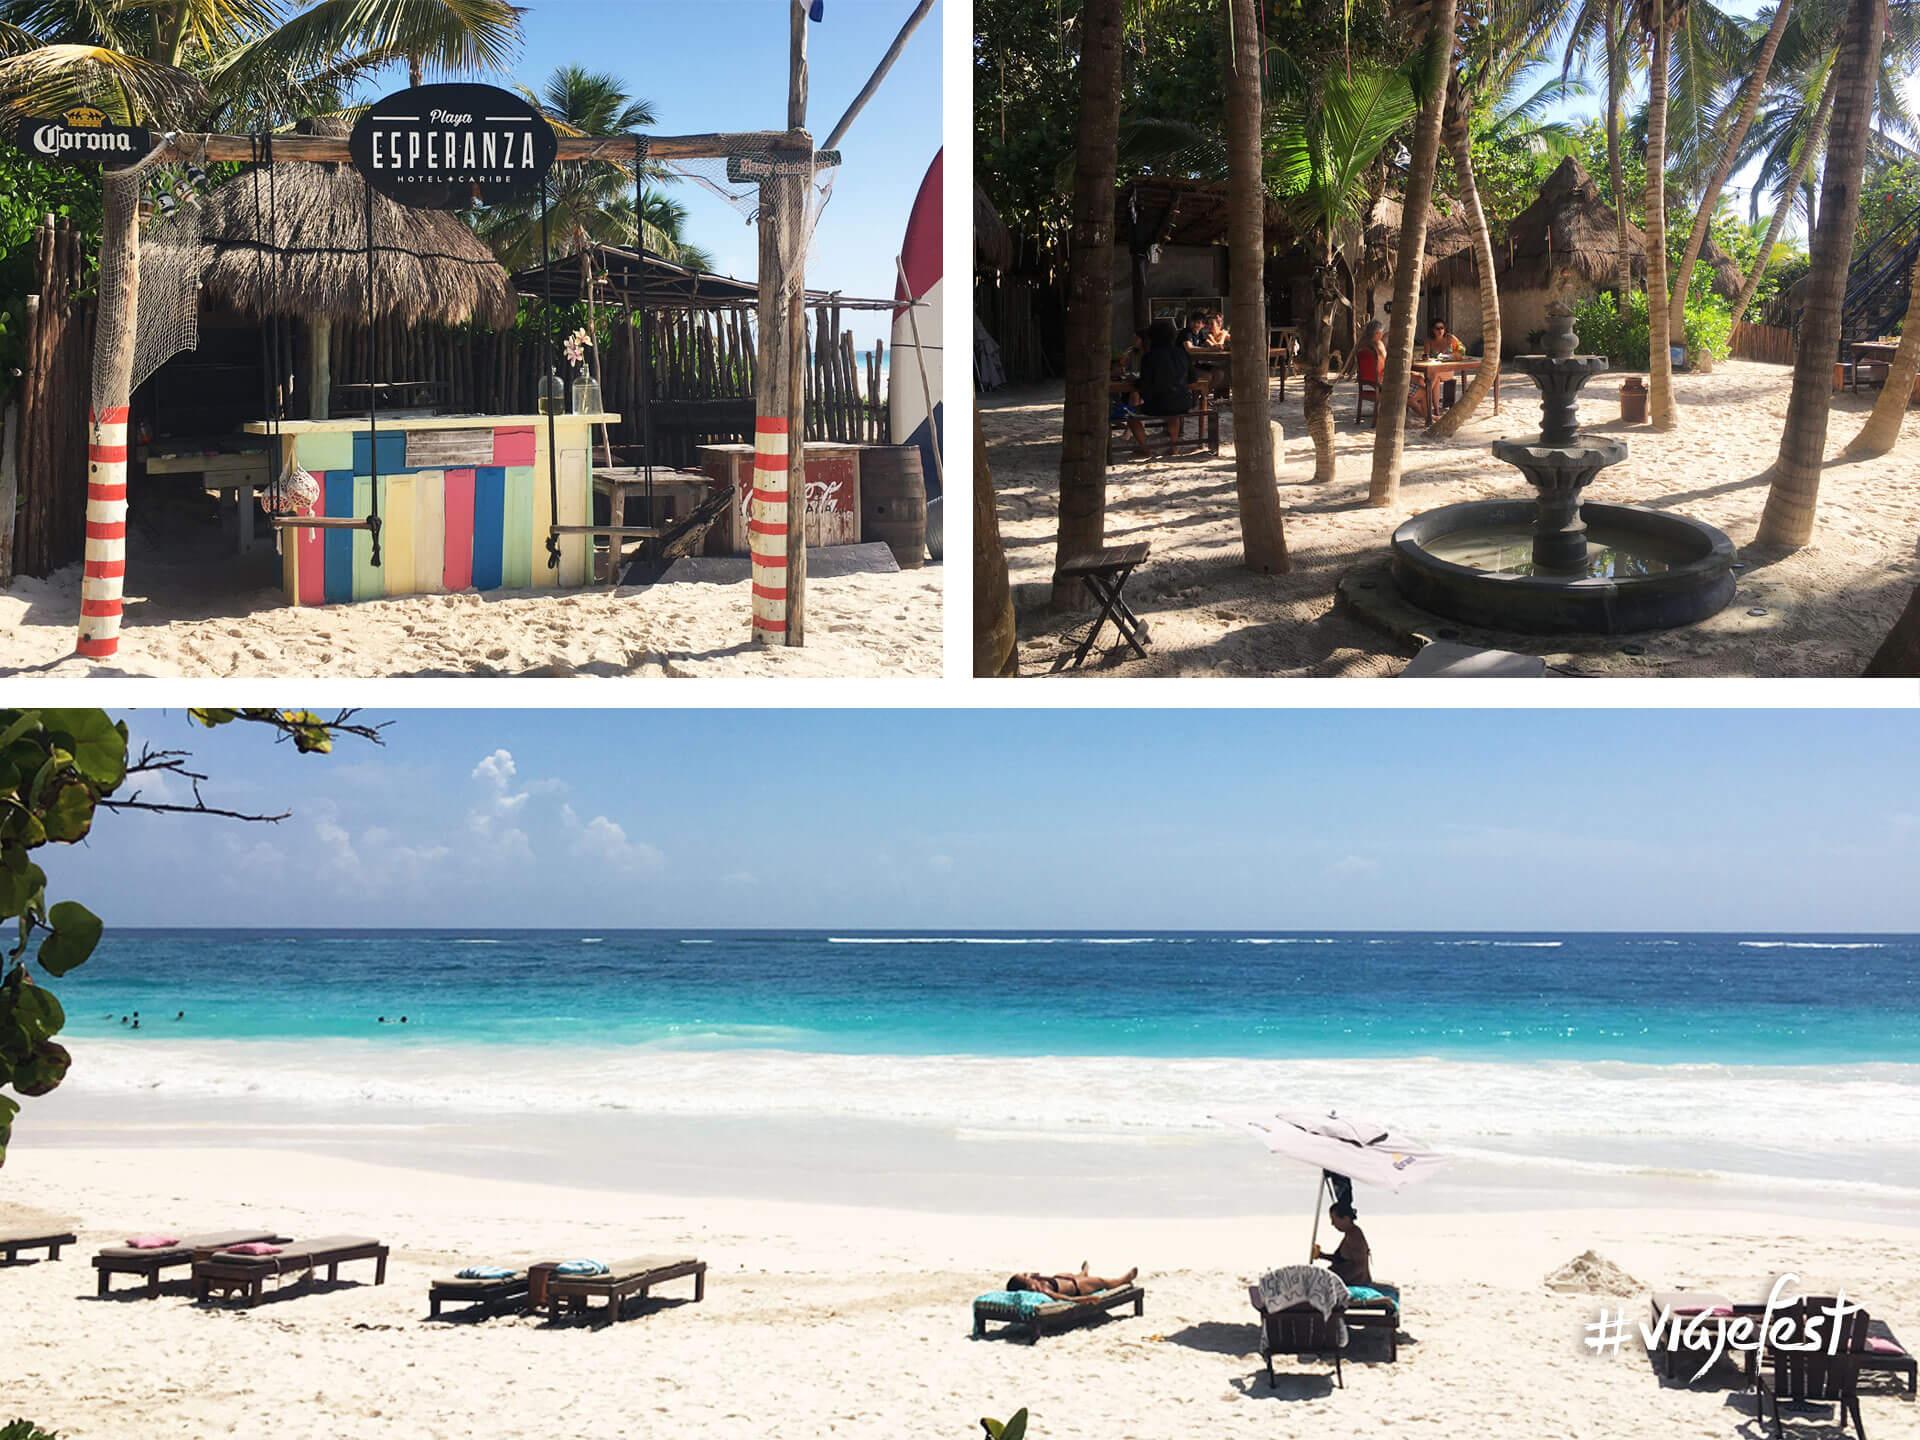 Hotel Playa Esperanza, club de playa y restaurante.